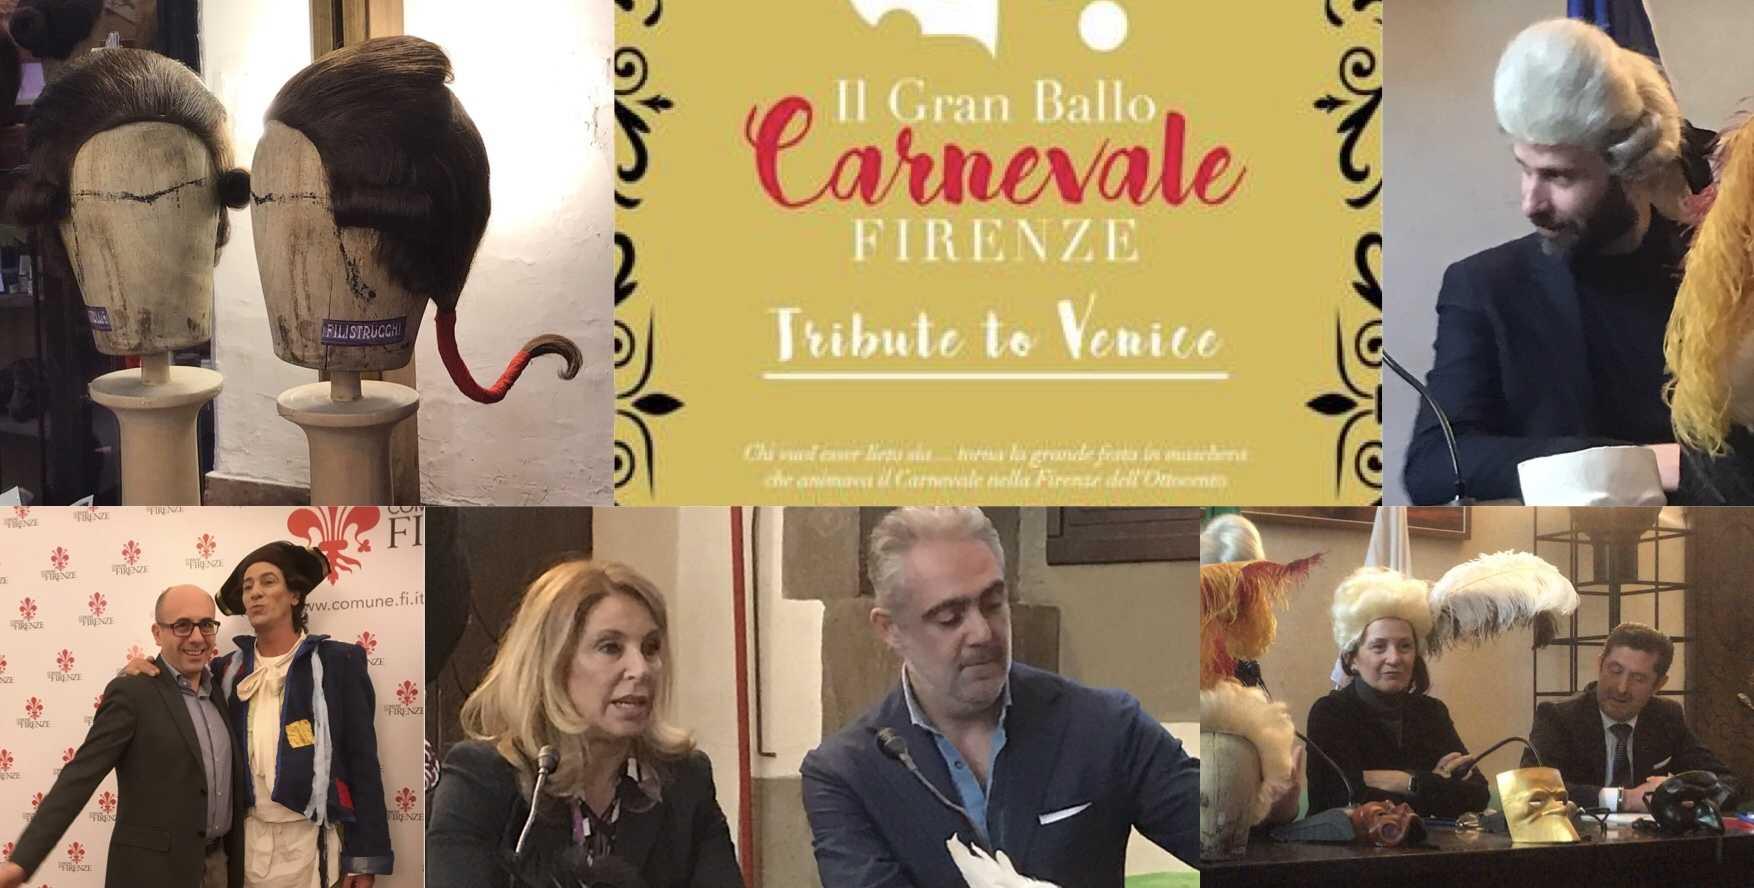 """La conferenza Stampa """"Carnevale di Firenze"""",  Filistrucchi partner tecnico"""